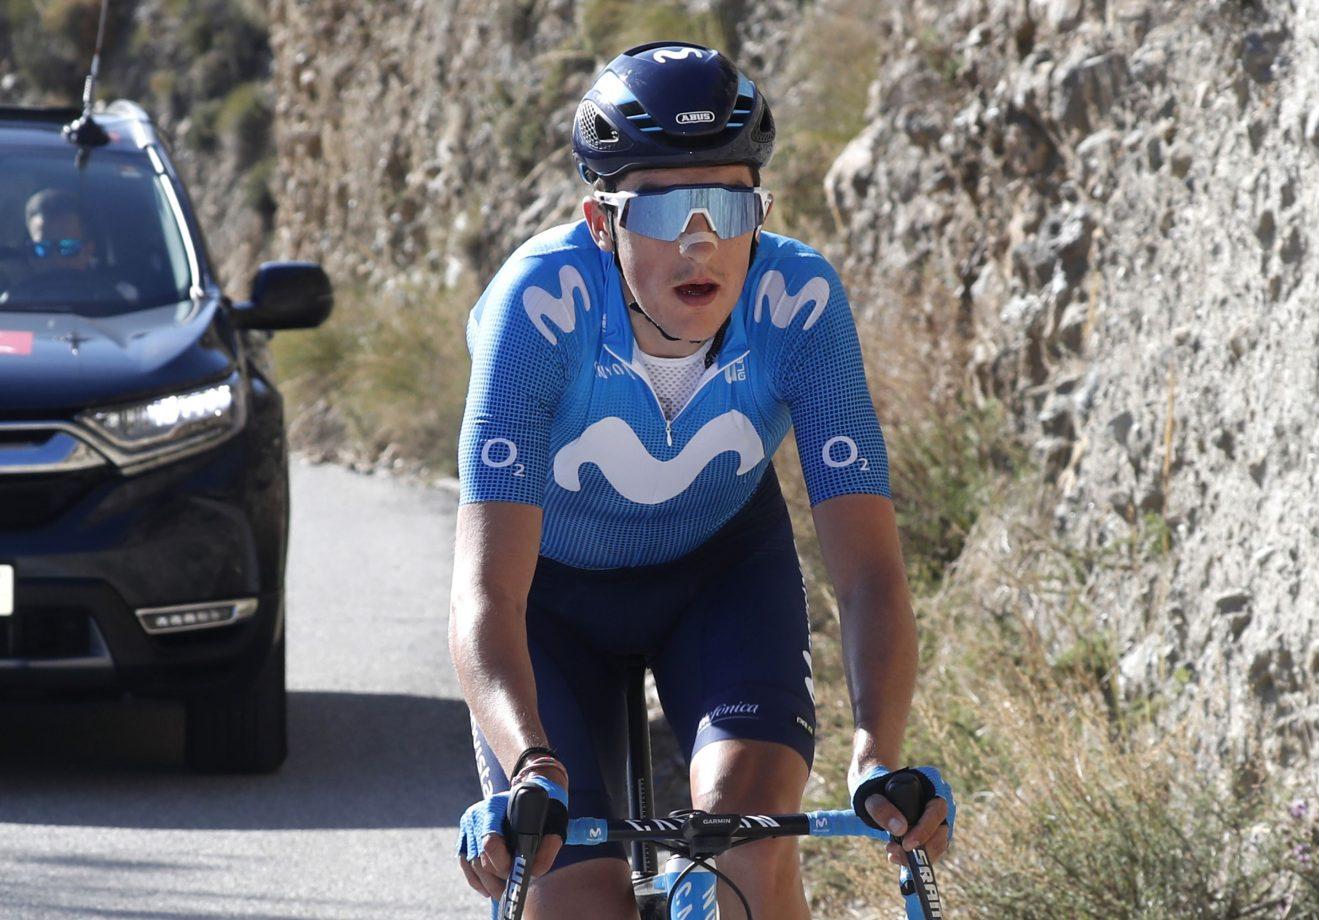 Imagen de la noticia 'Soler (7th) again near top contenders in Granada'